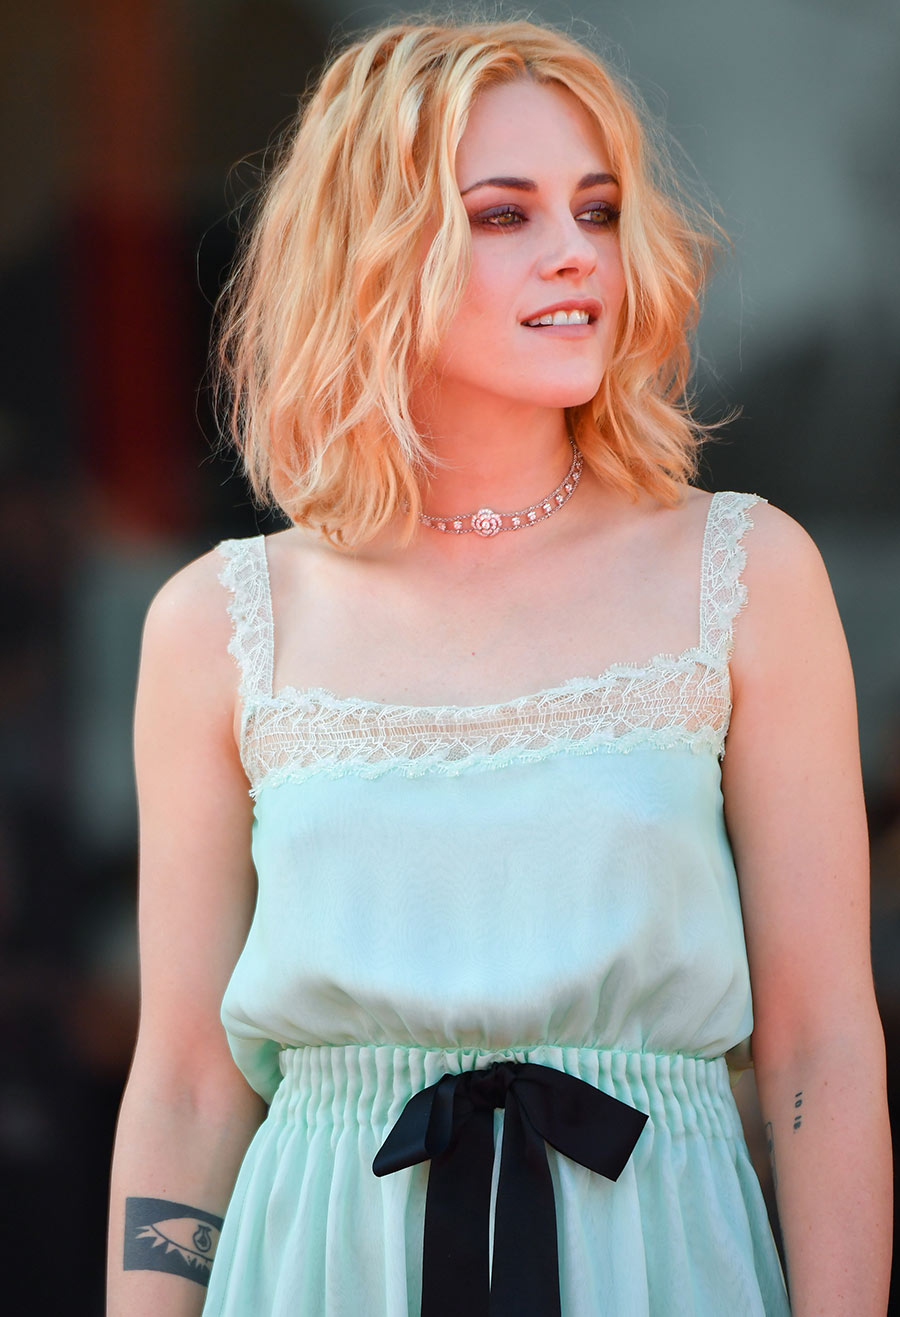 El nuevo look Kristen Stewart está causando furor pelo